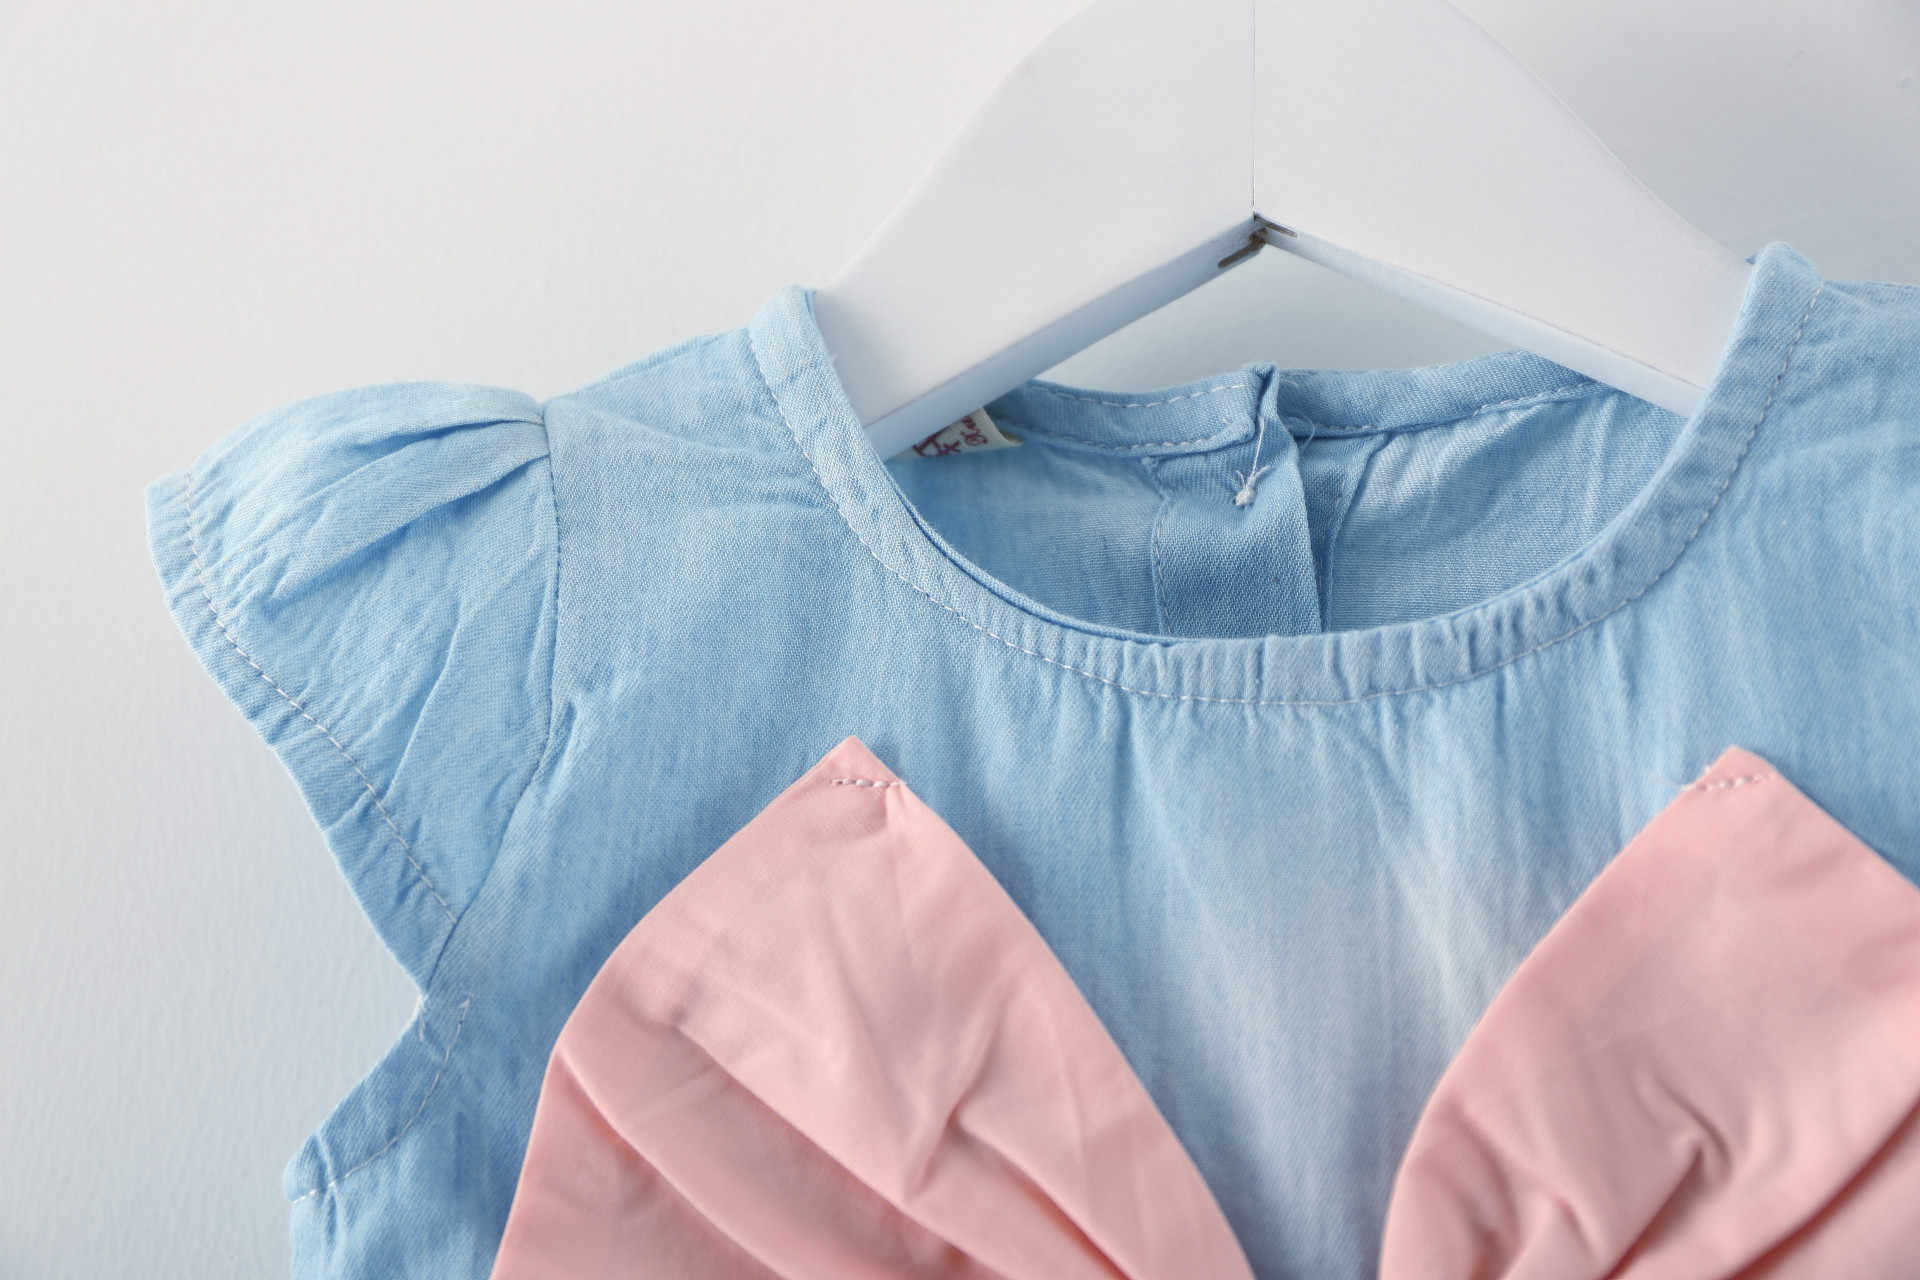 Алисы для маленьких девочек платье-пачка с бантом дизайн мини платье детские Летний стиль мода короткий рукав вечерние платье для девочек детская одежда